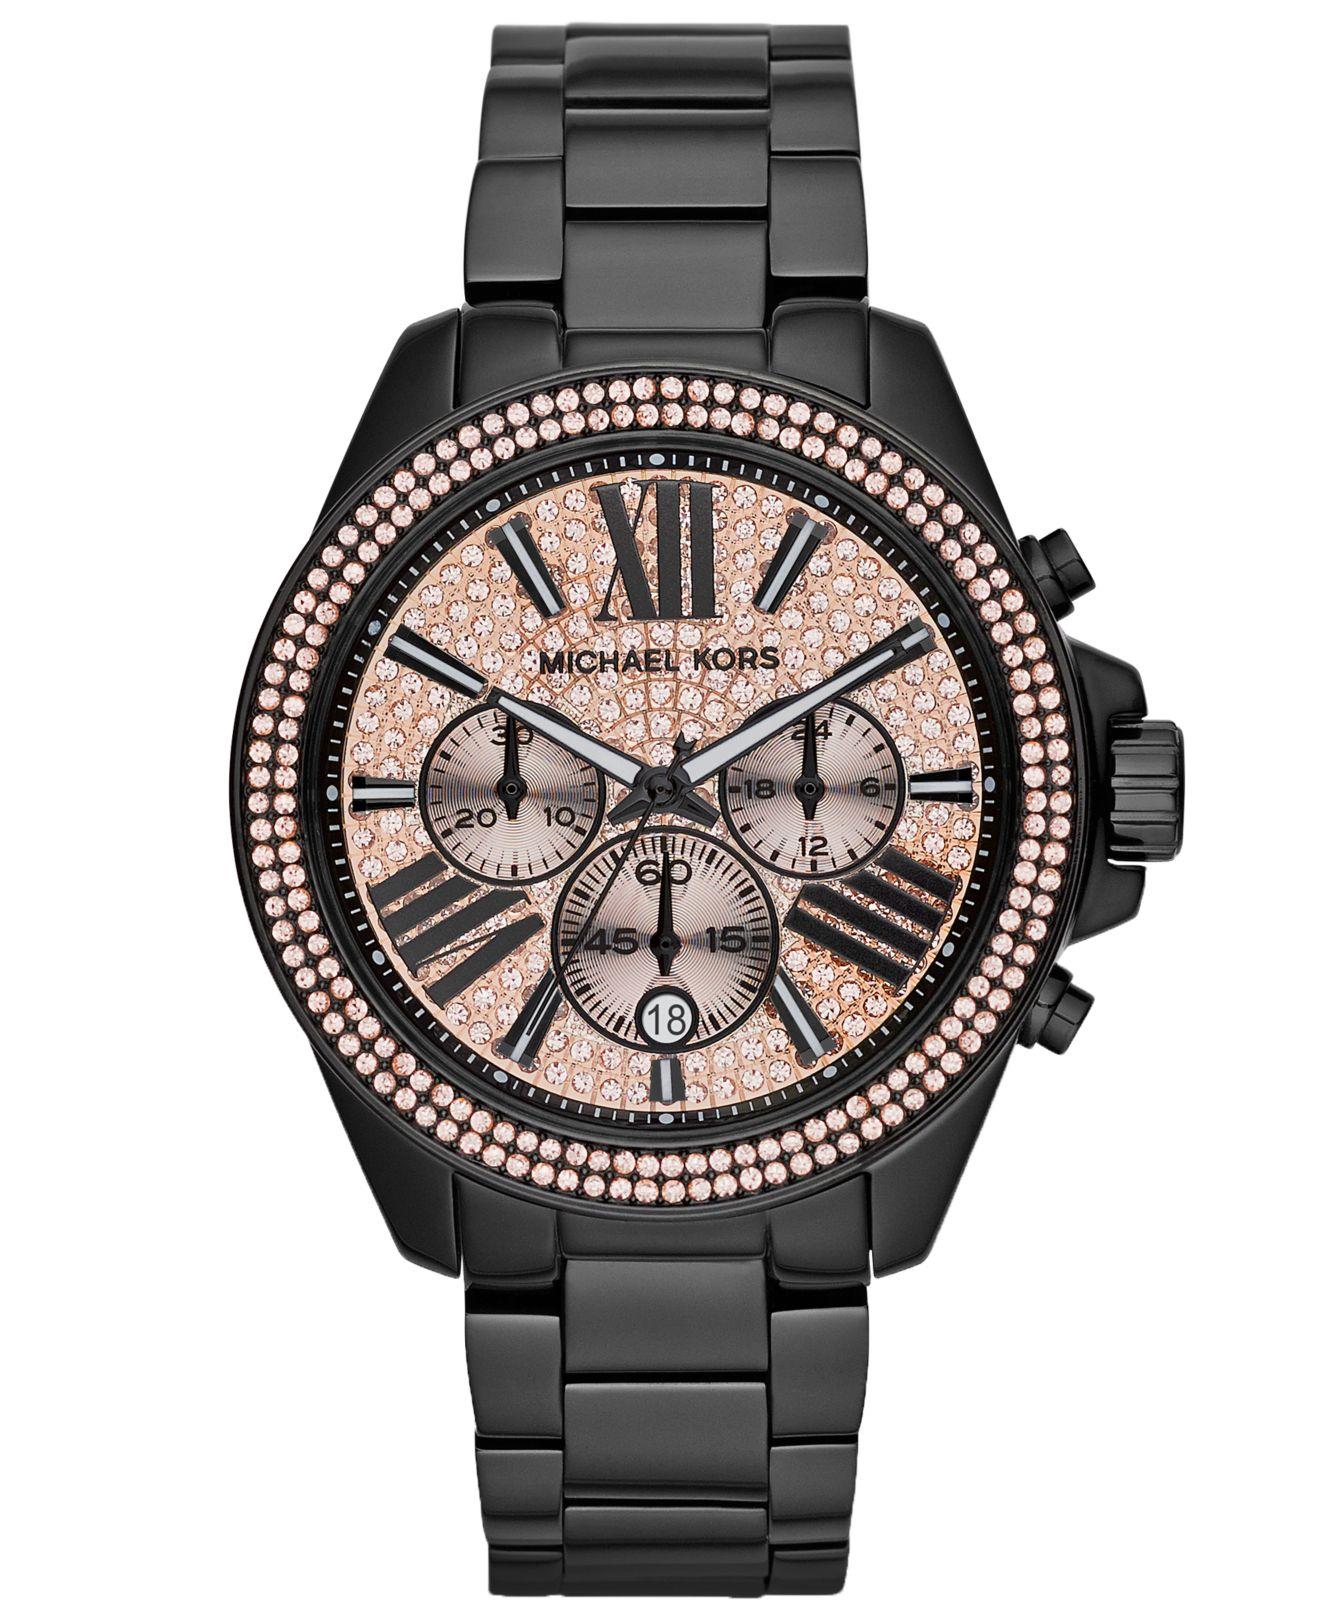 michael kors s chronograph wren black tone stainless